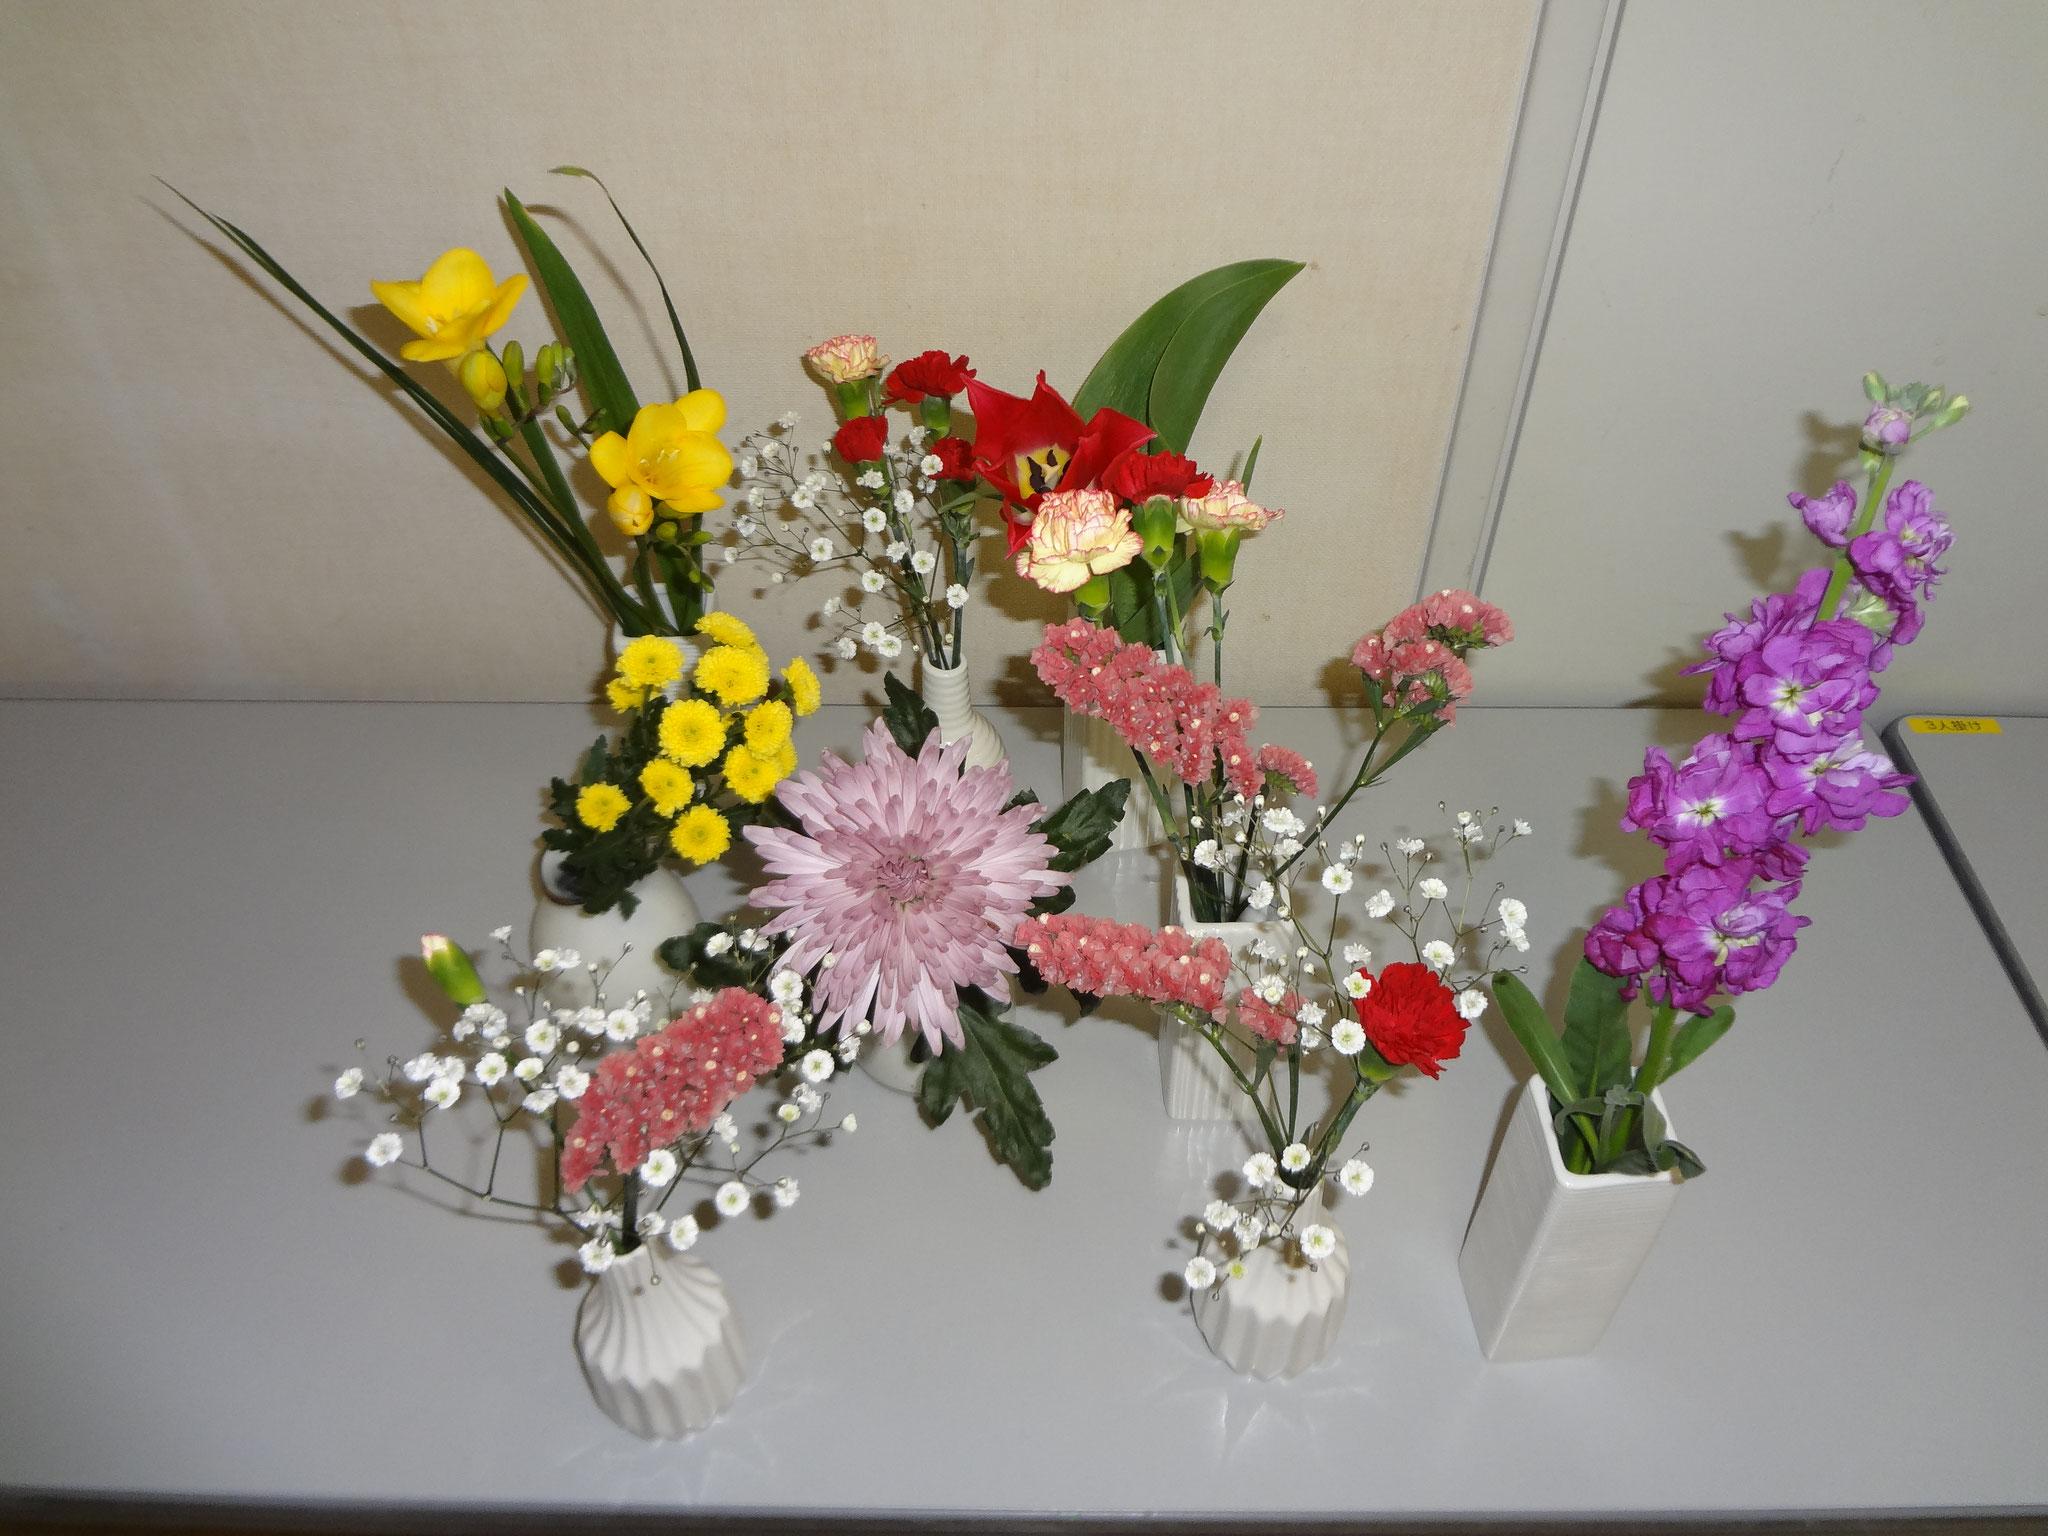 食卓に飾られた色とりどりの花たち。